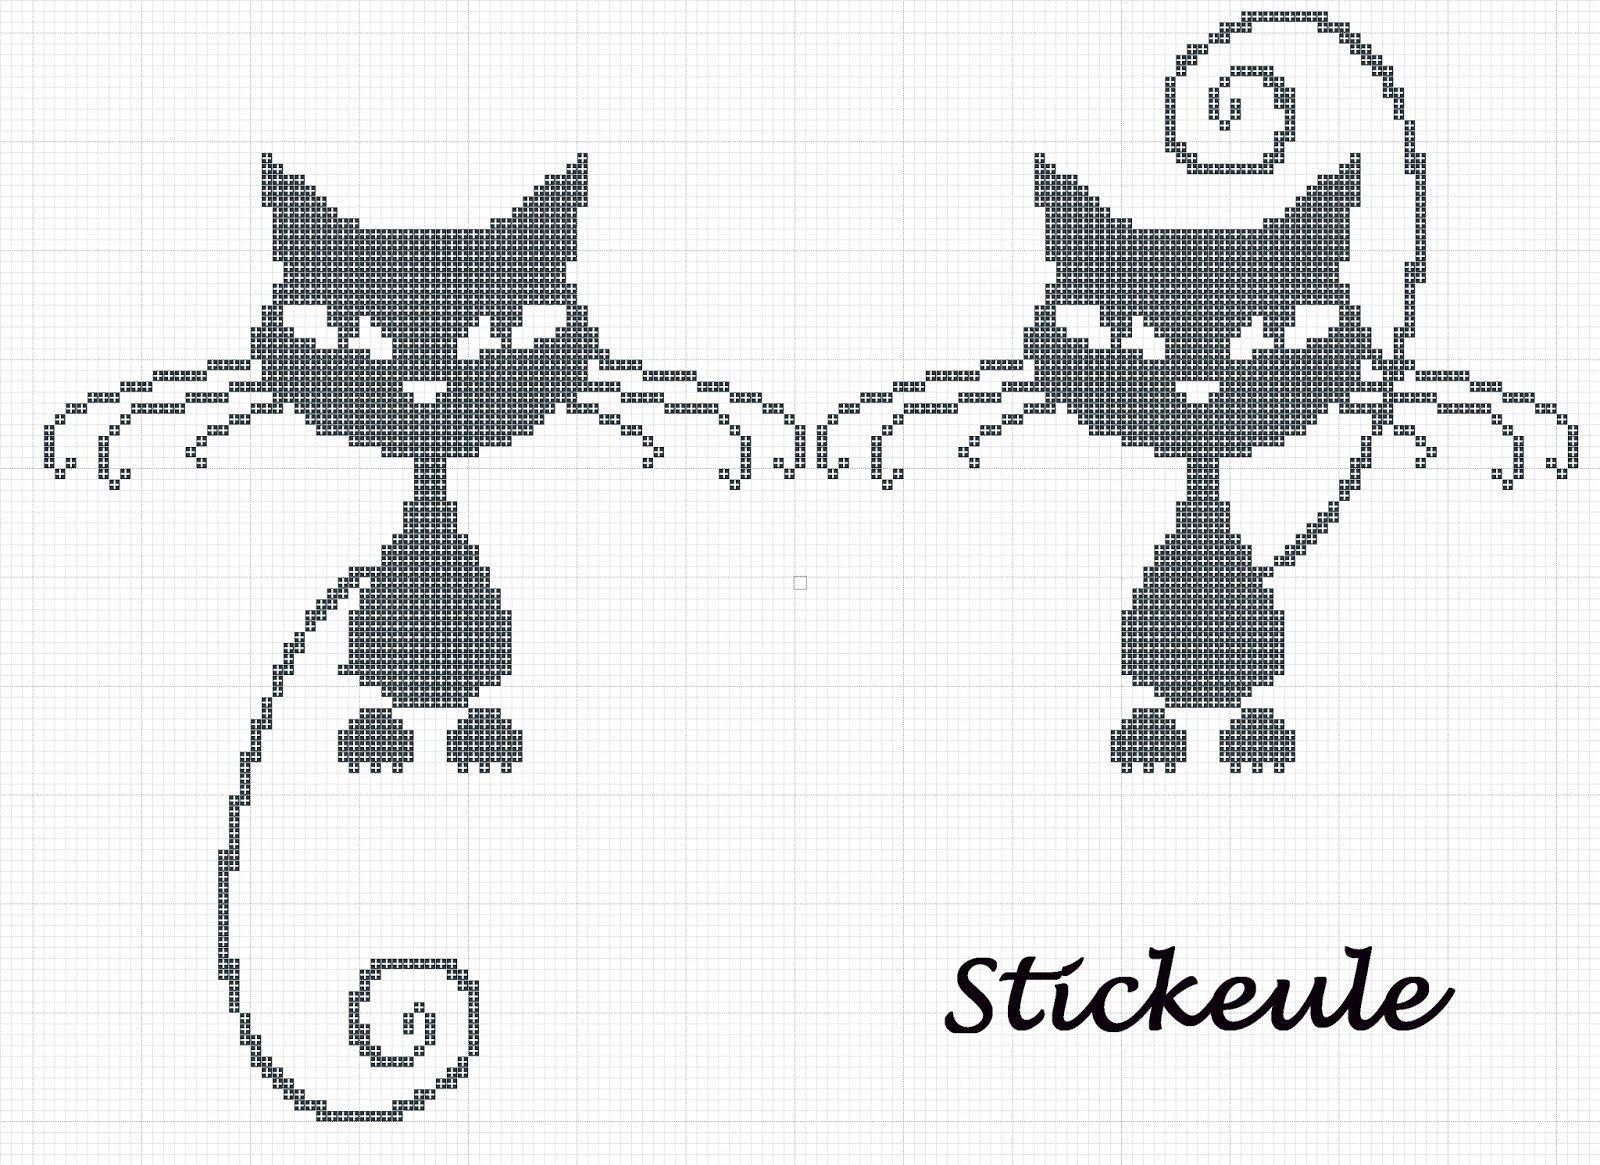 schwarze+kätzchen2.jpg 1,600×1,165 pixels   1 Animal Stitch ...